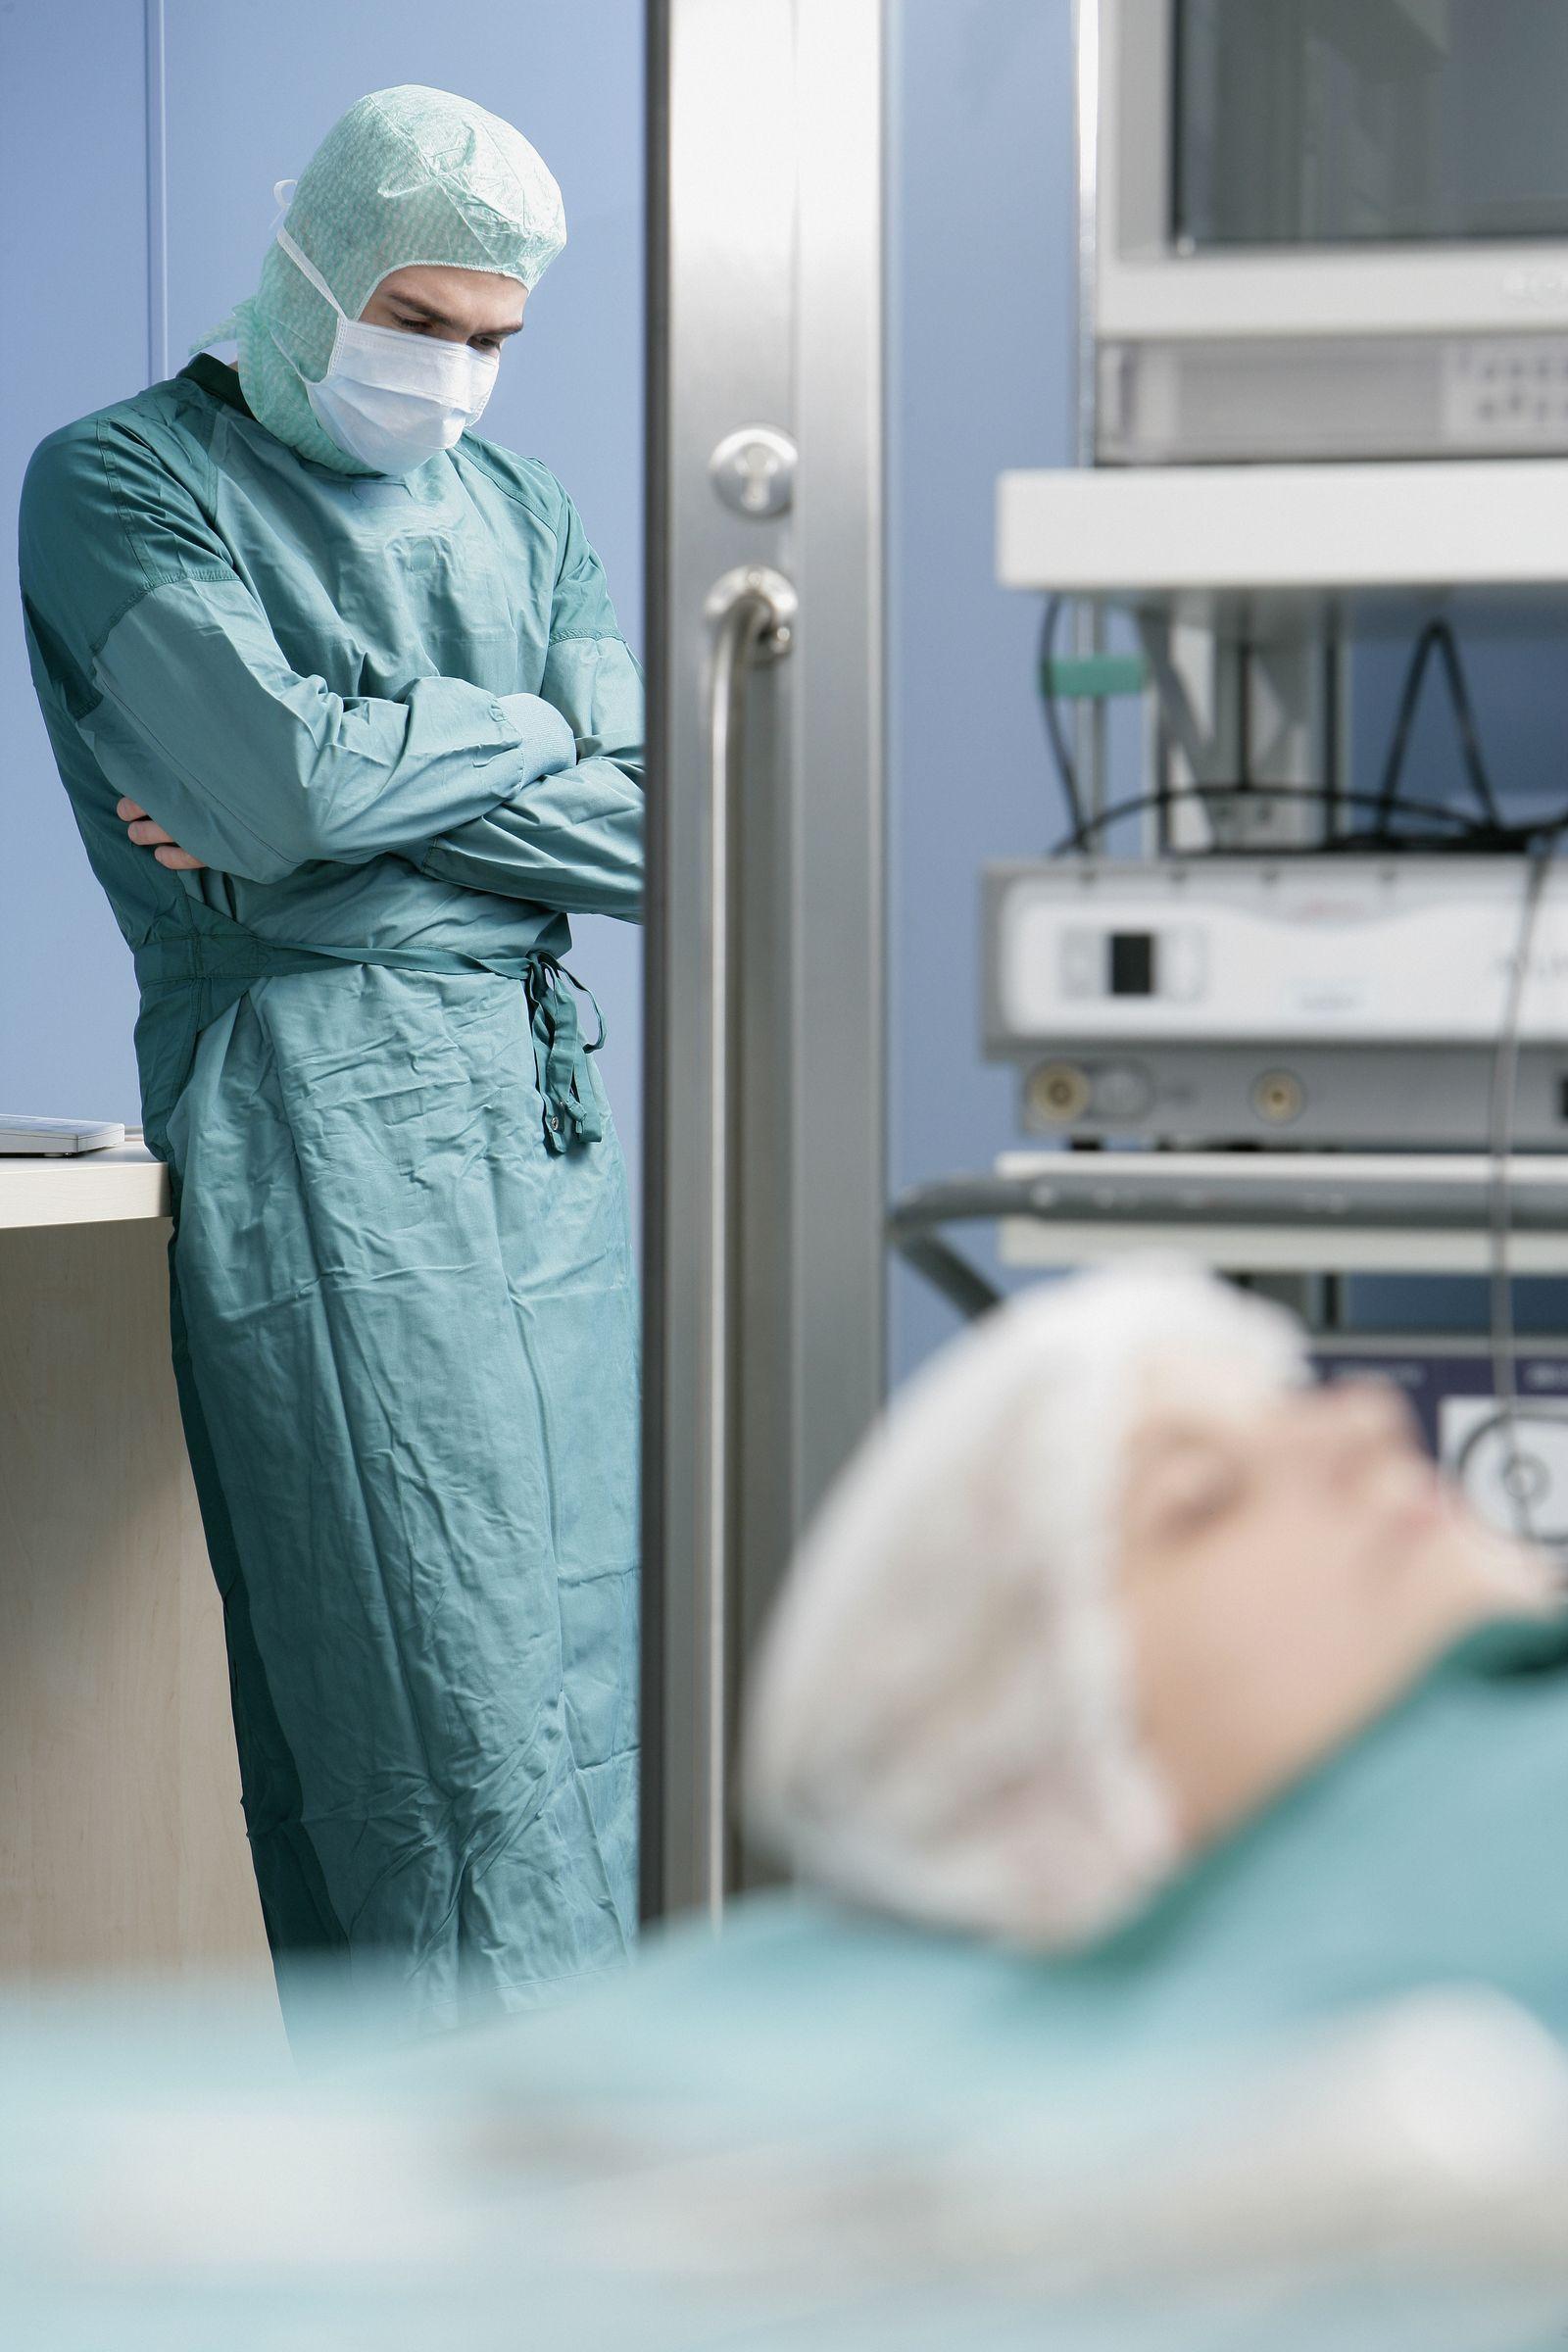 NICHT MEHR VERWENDEN! - Wachkoma / Koma / Patient